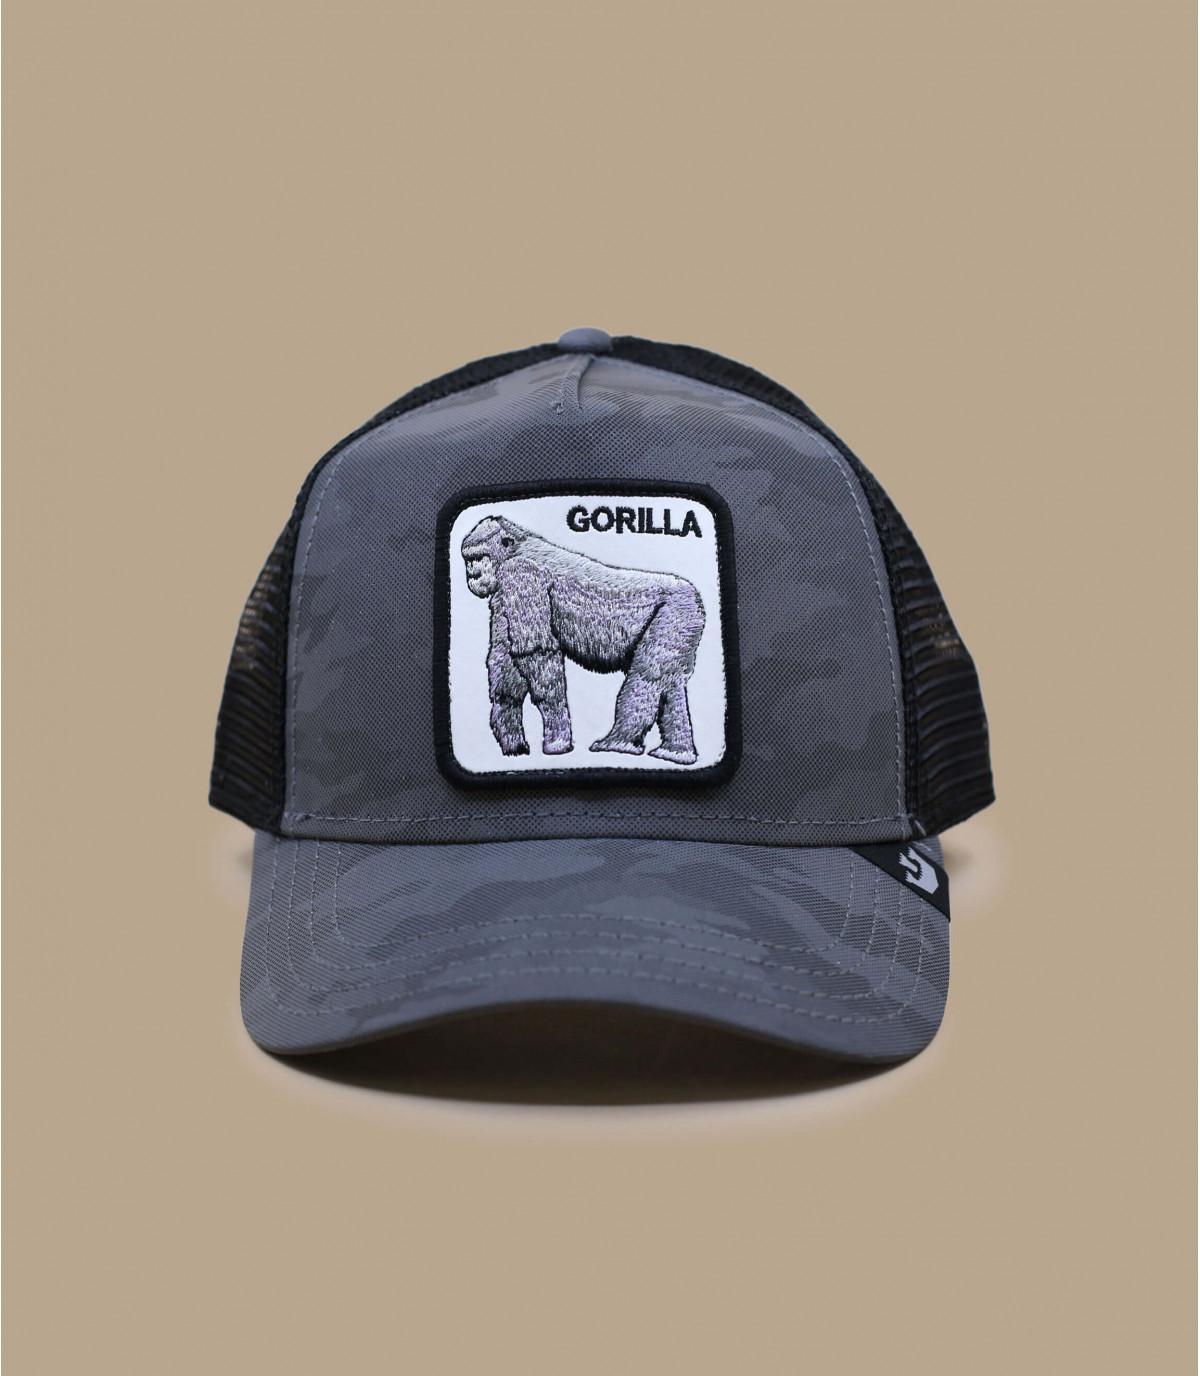 Details Trucker Gorilla - Abbildung 2